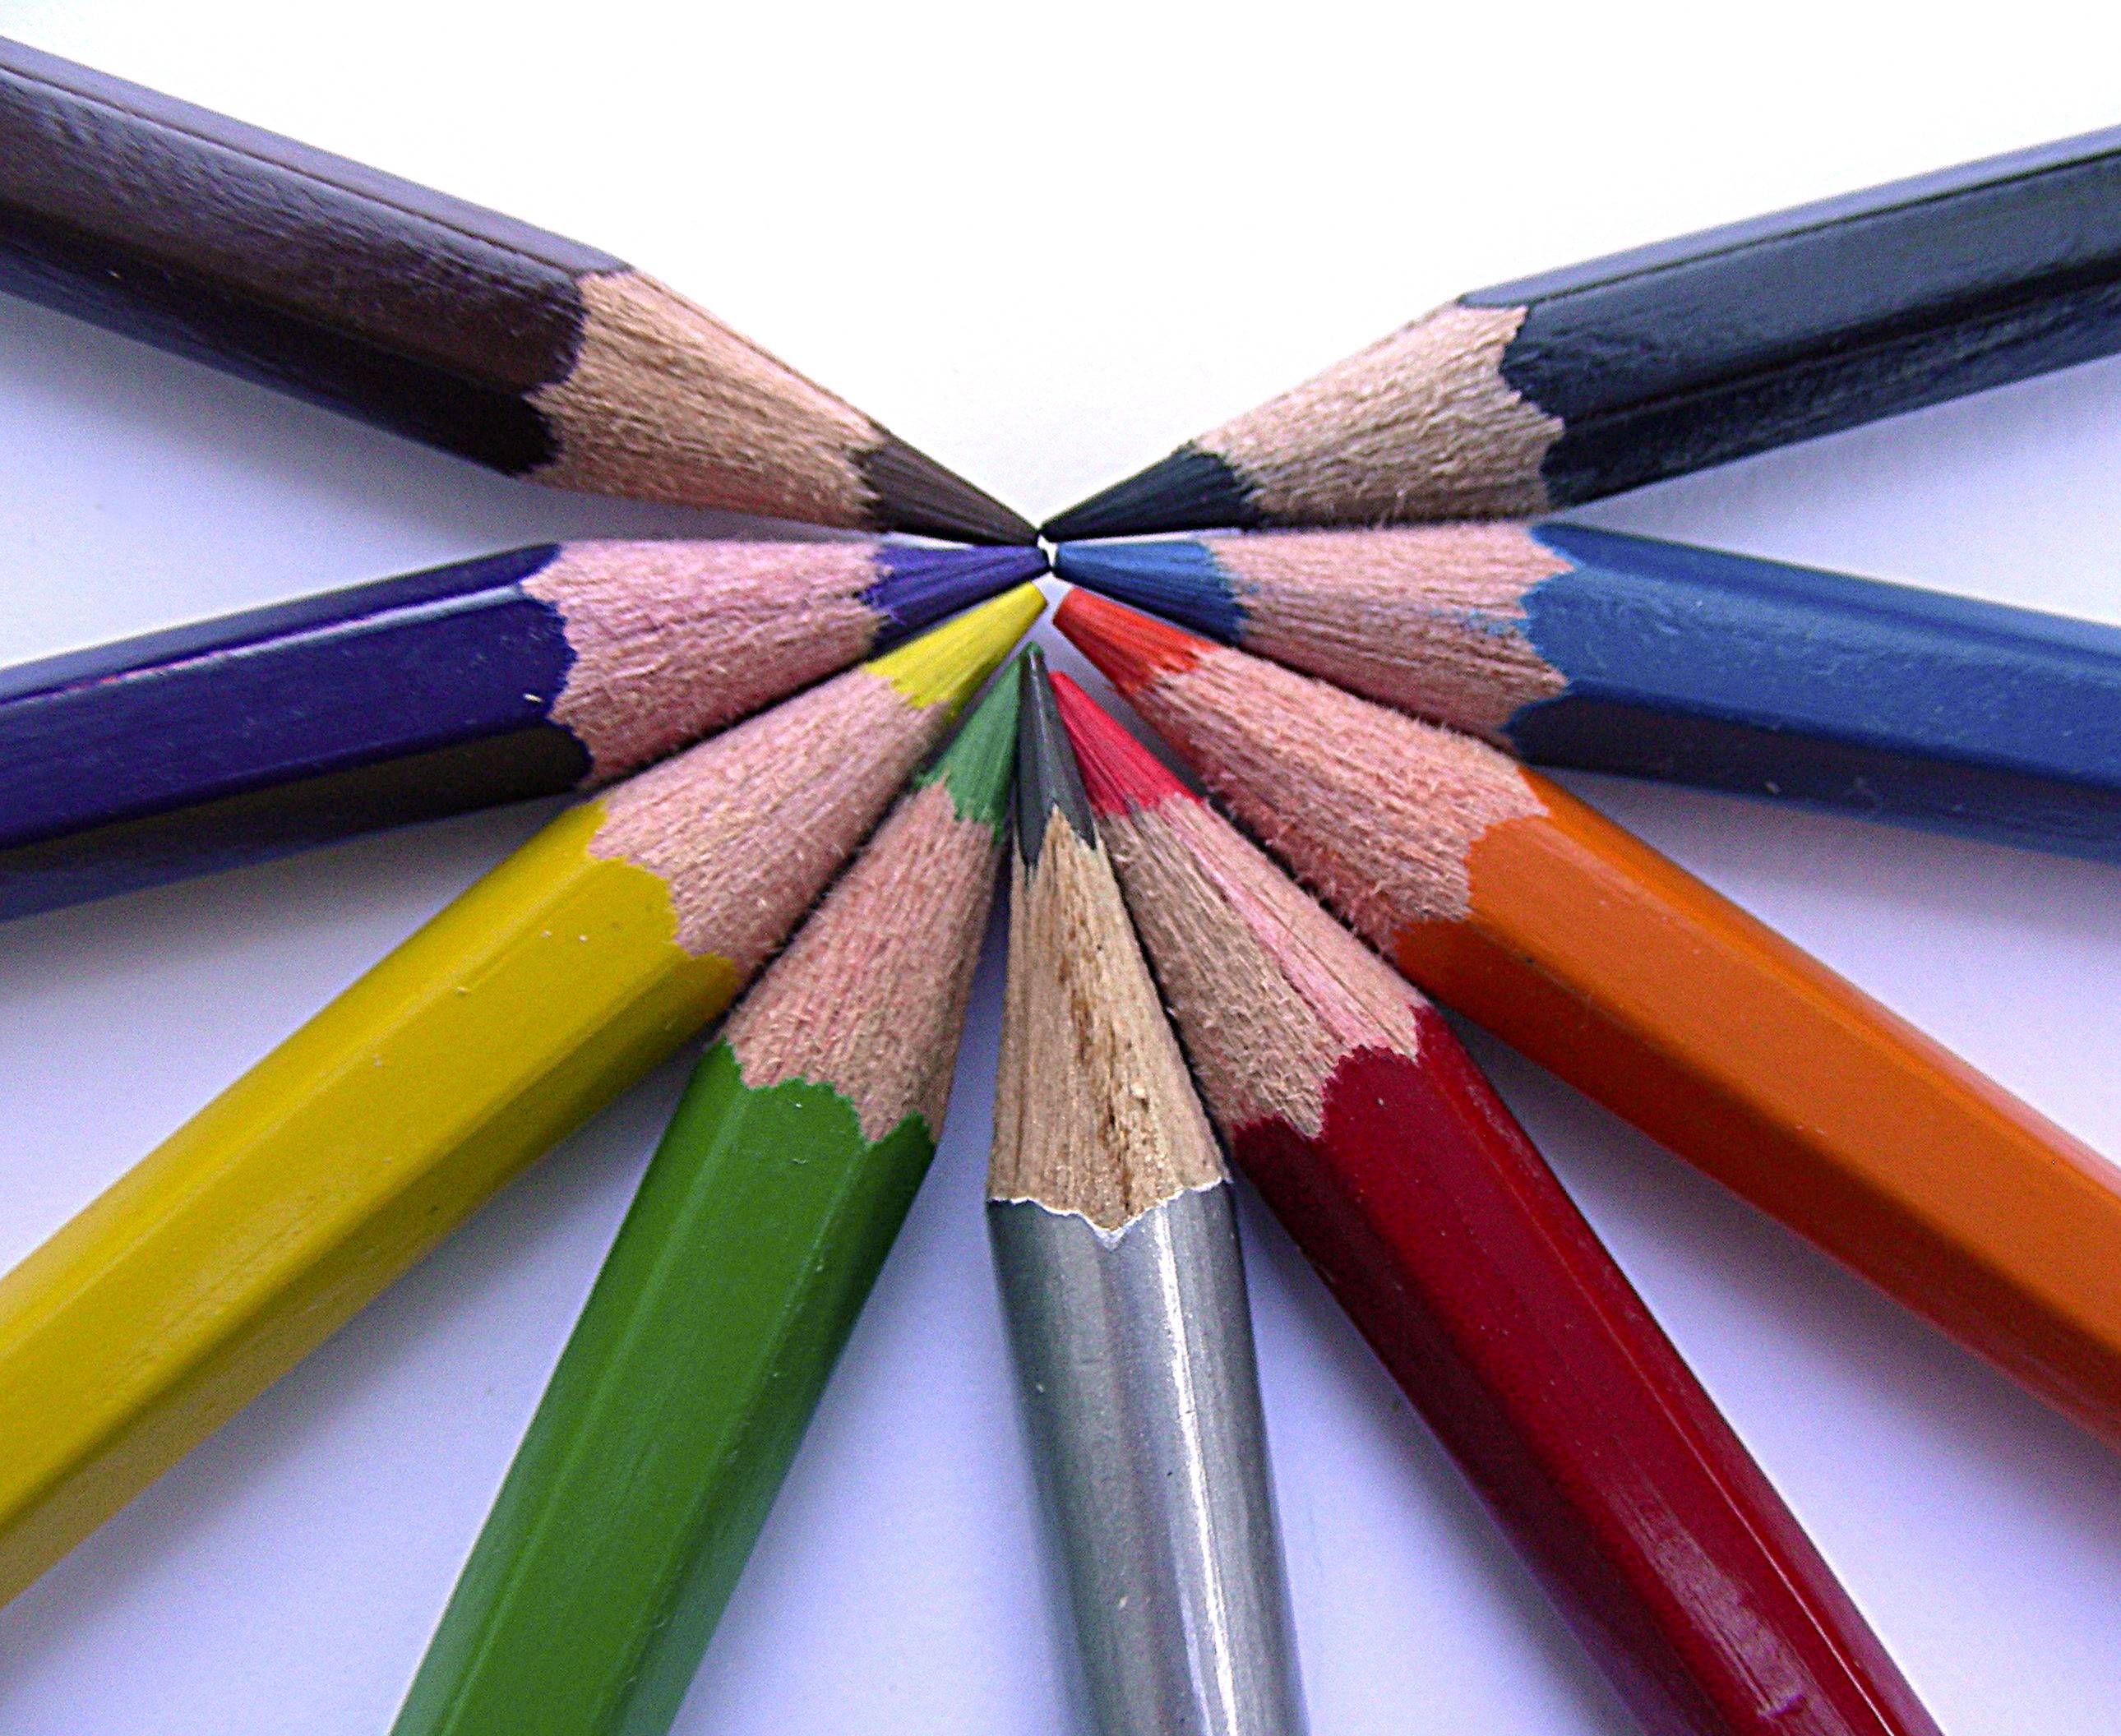 Einheit in der Vielfalt: Buntstifte liegen nebeneinander und bilden einen Halbkreis.